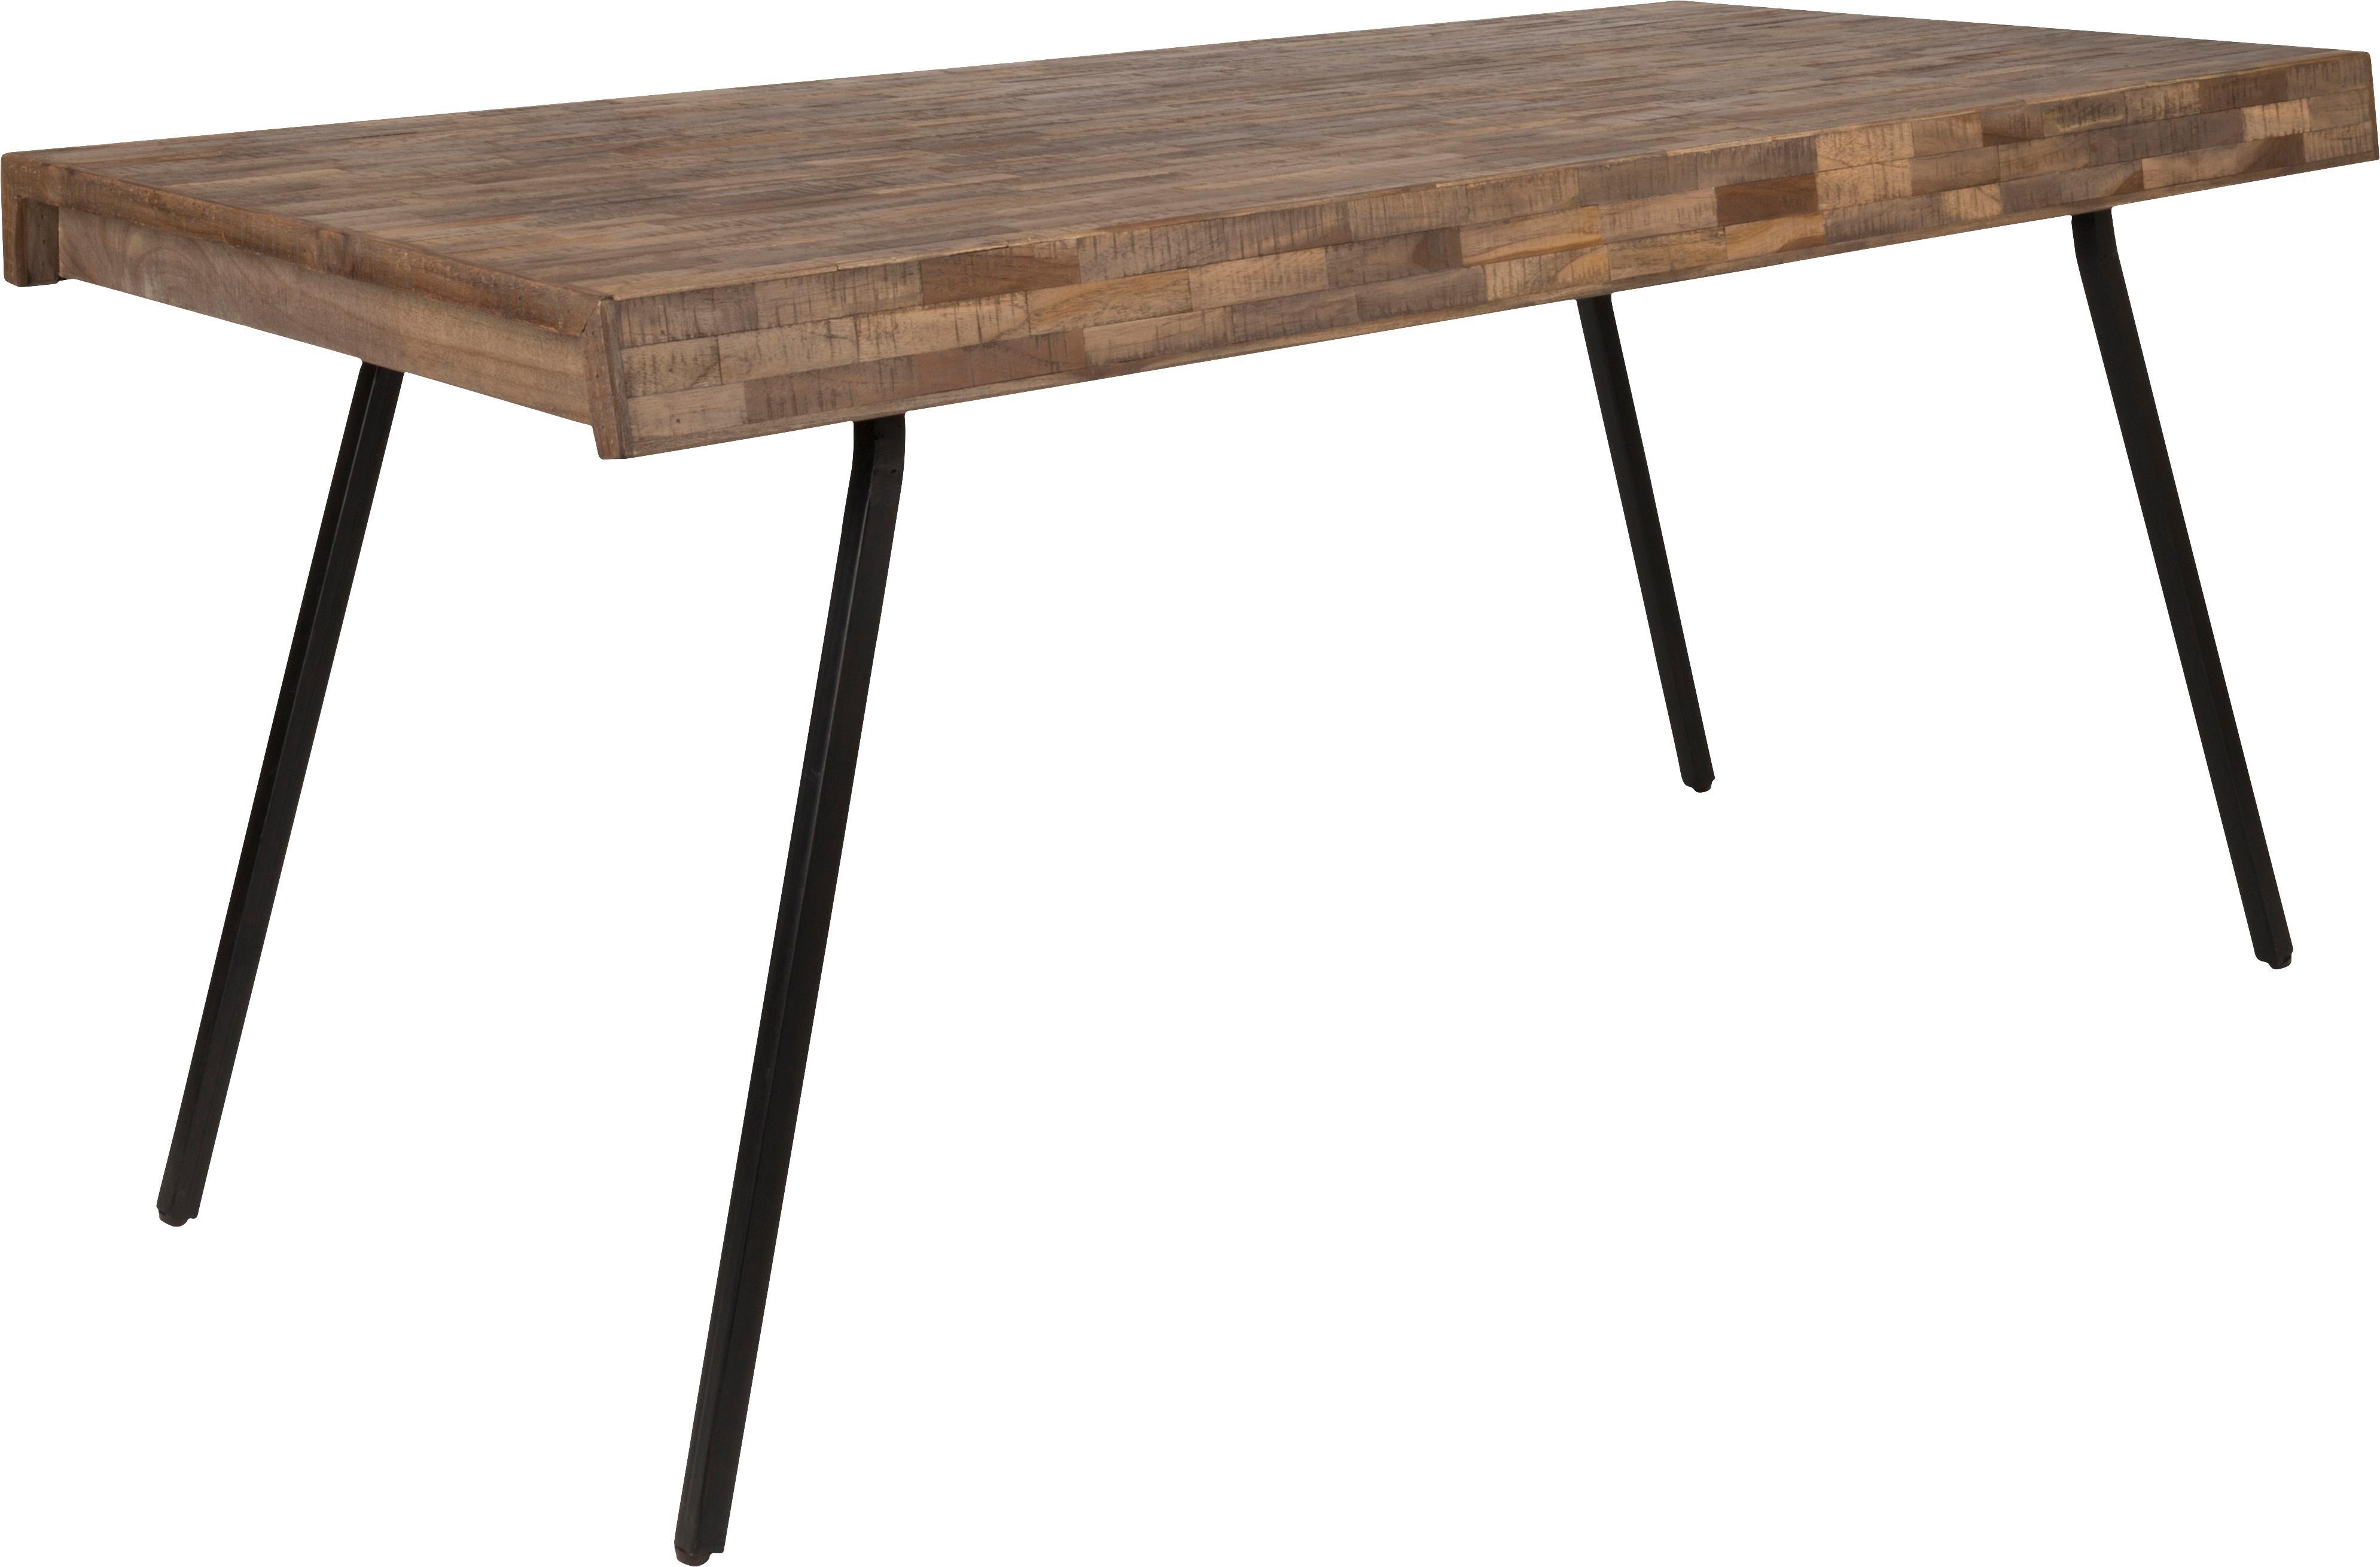 Stół do jadalni Suri, Blat: drewno tekowe pochodzące , Nogi: stal, pokryta melaminą, Blat: drewno tekowe<br>Nogi: czarny, S 160 x G 78 cm